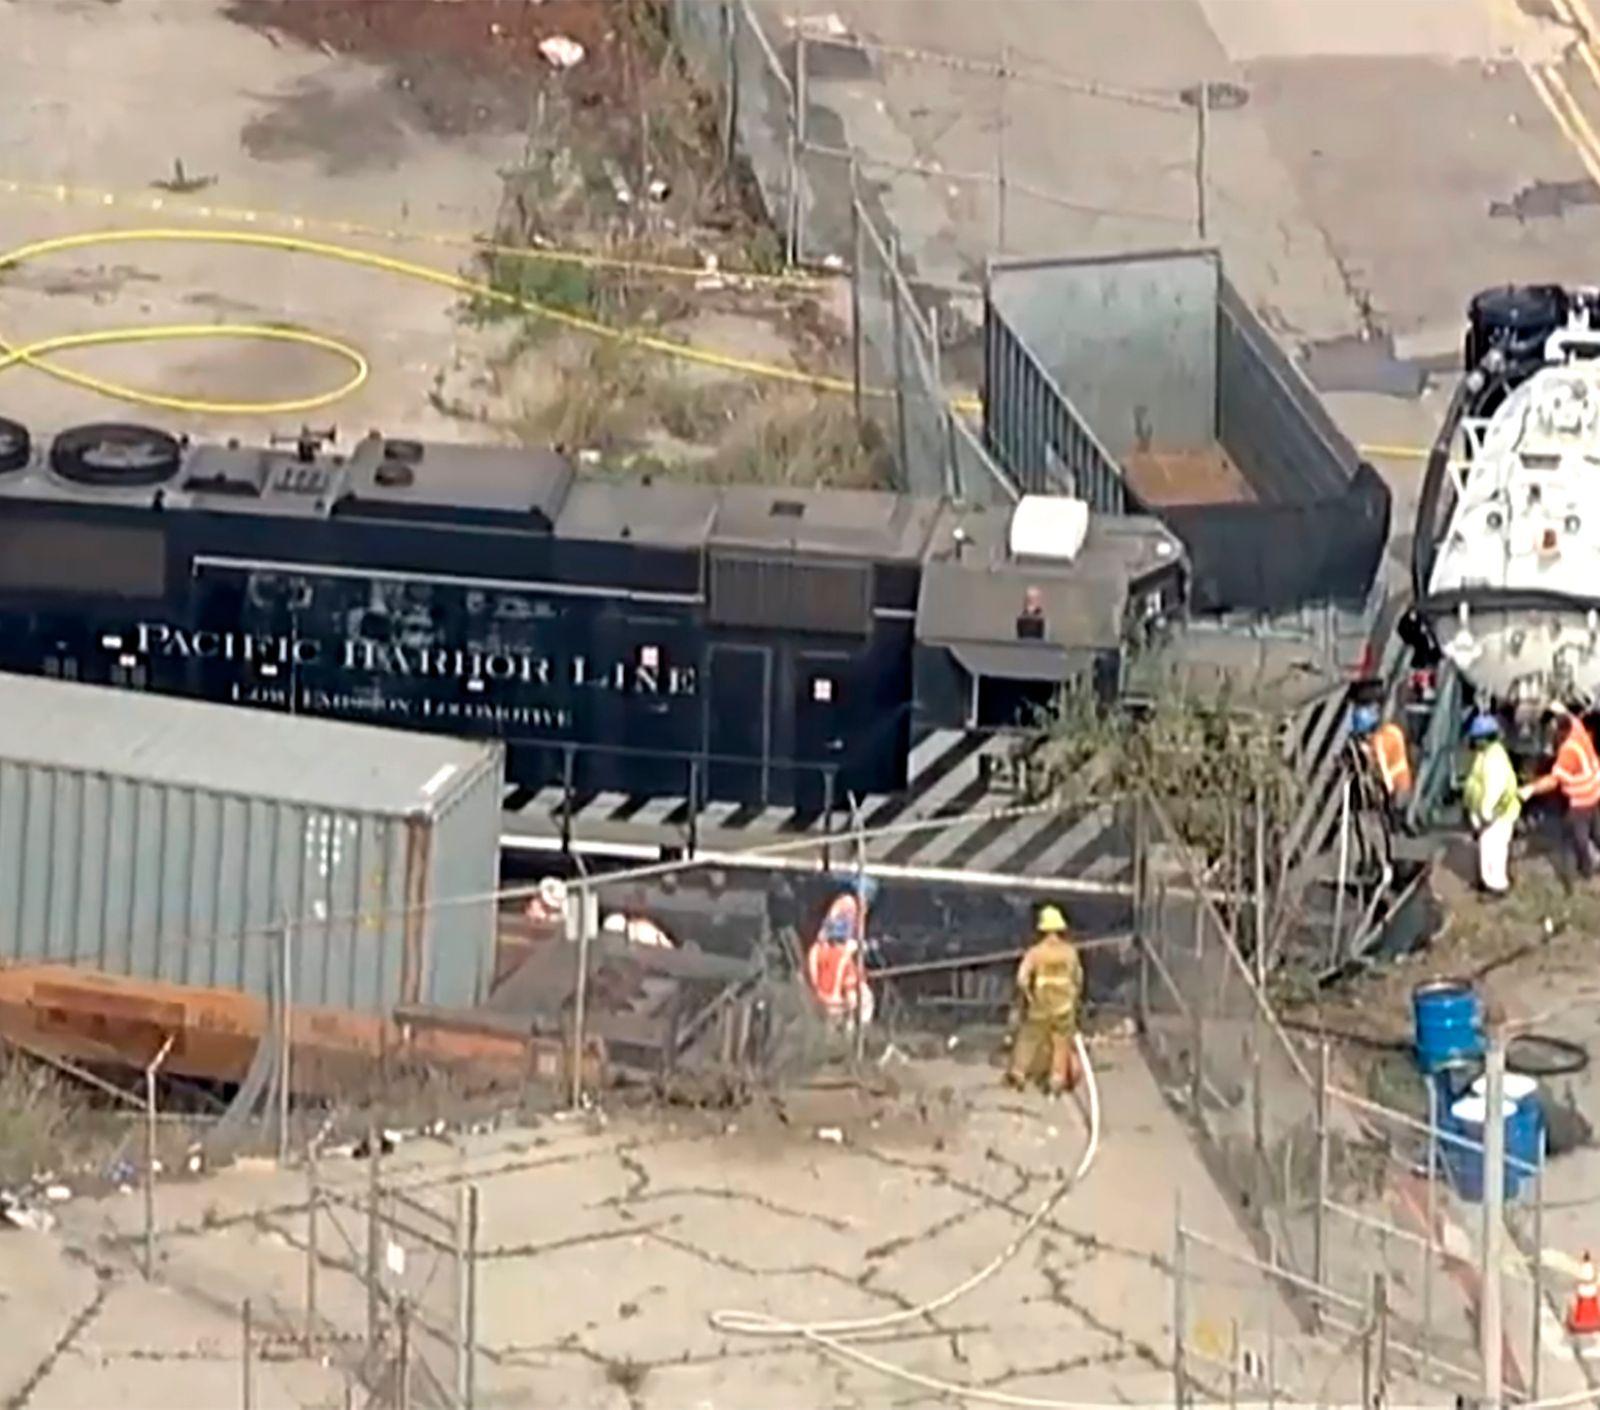 Man intentionally derailed LA train near hospital...